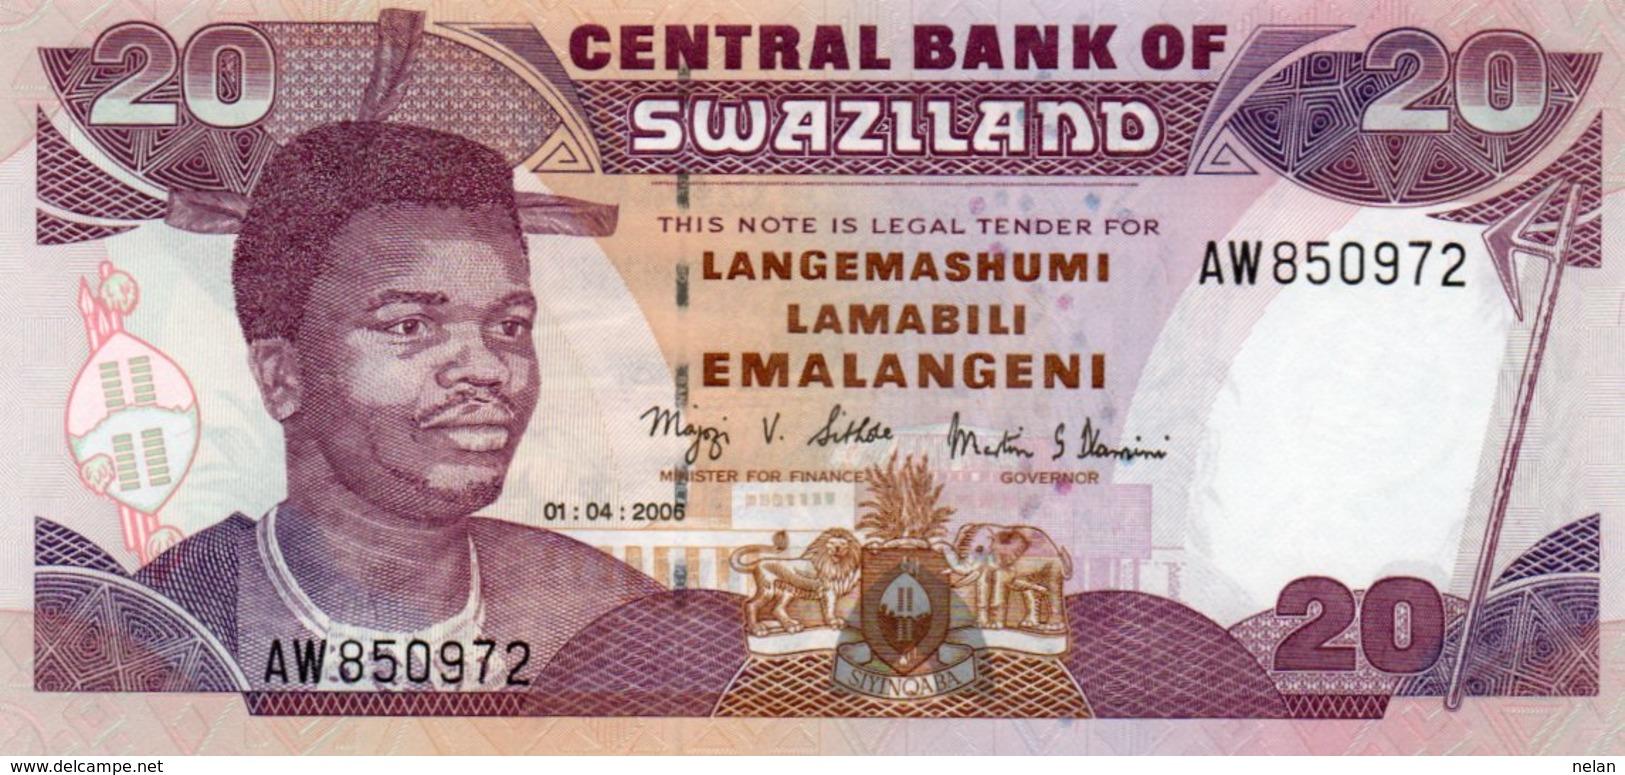 SWAZILAND 20 EMALANGENI 2006 P-30 UNC - Swaziland